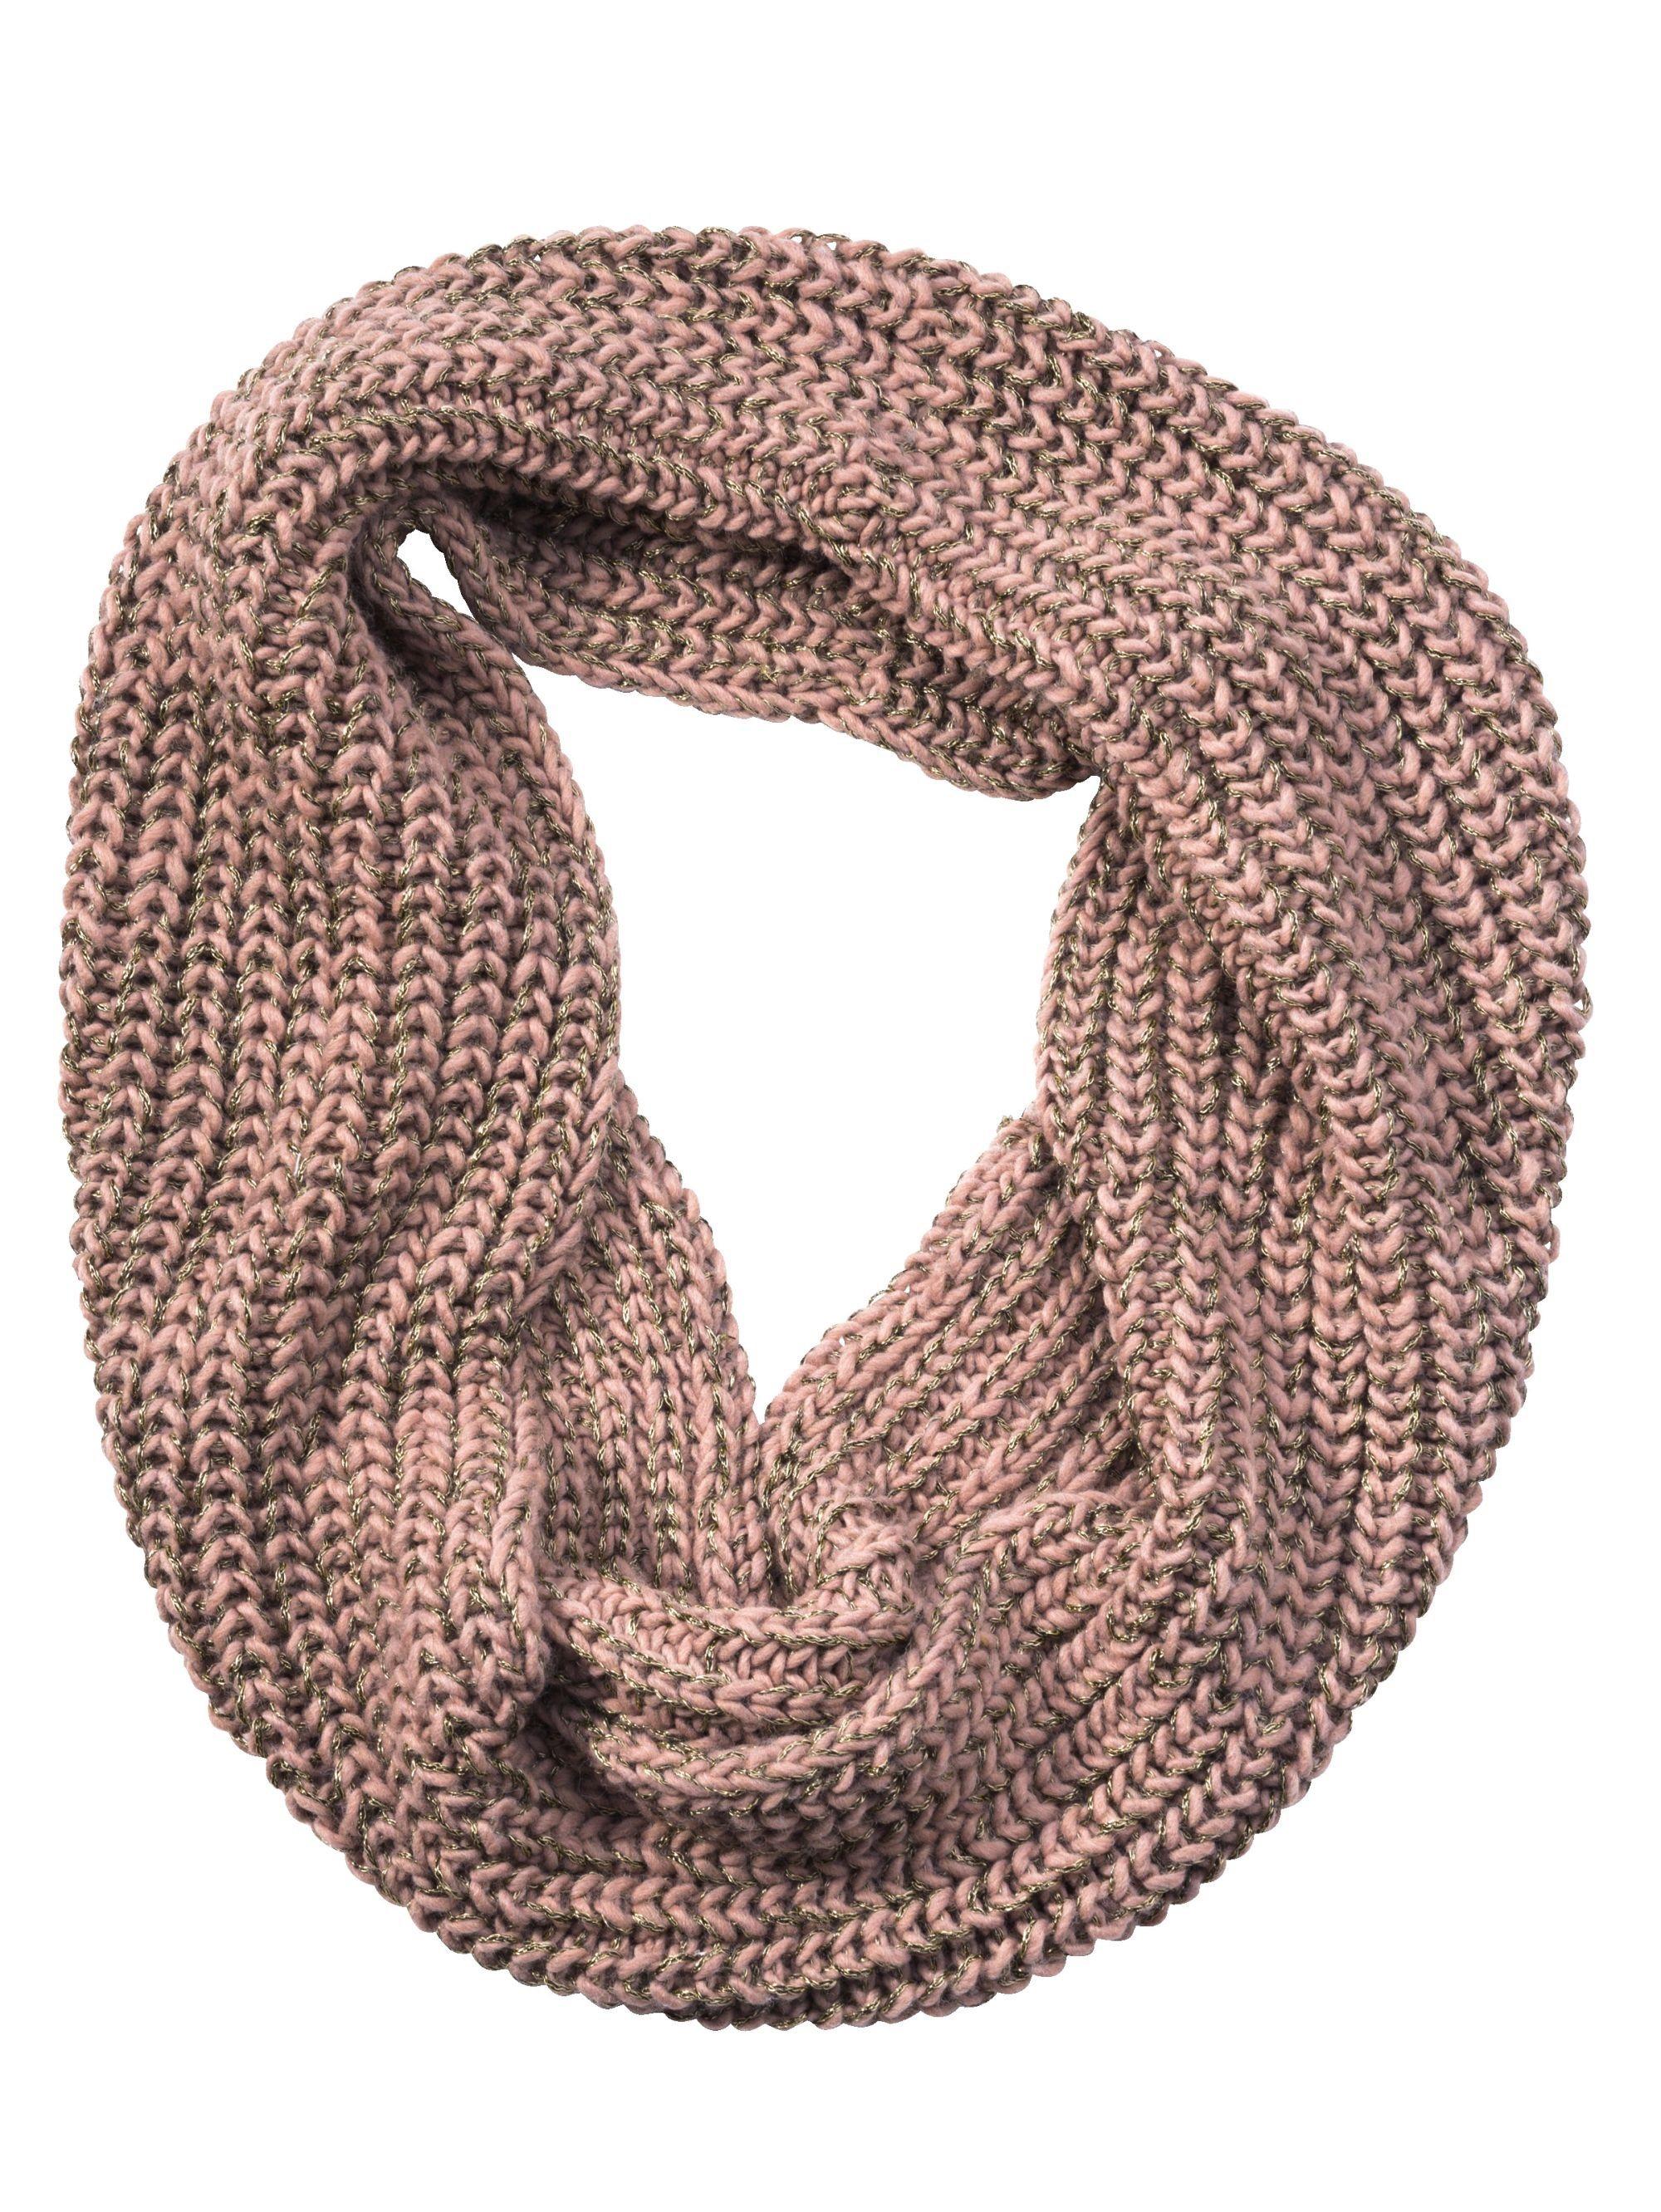 Alba Moda Loop in winterwarmer Qualität | Accessoires > Schals & Tücher > Loops | Polyacryl - Wolle - Viskose - Polyamid | Alba Moda